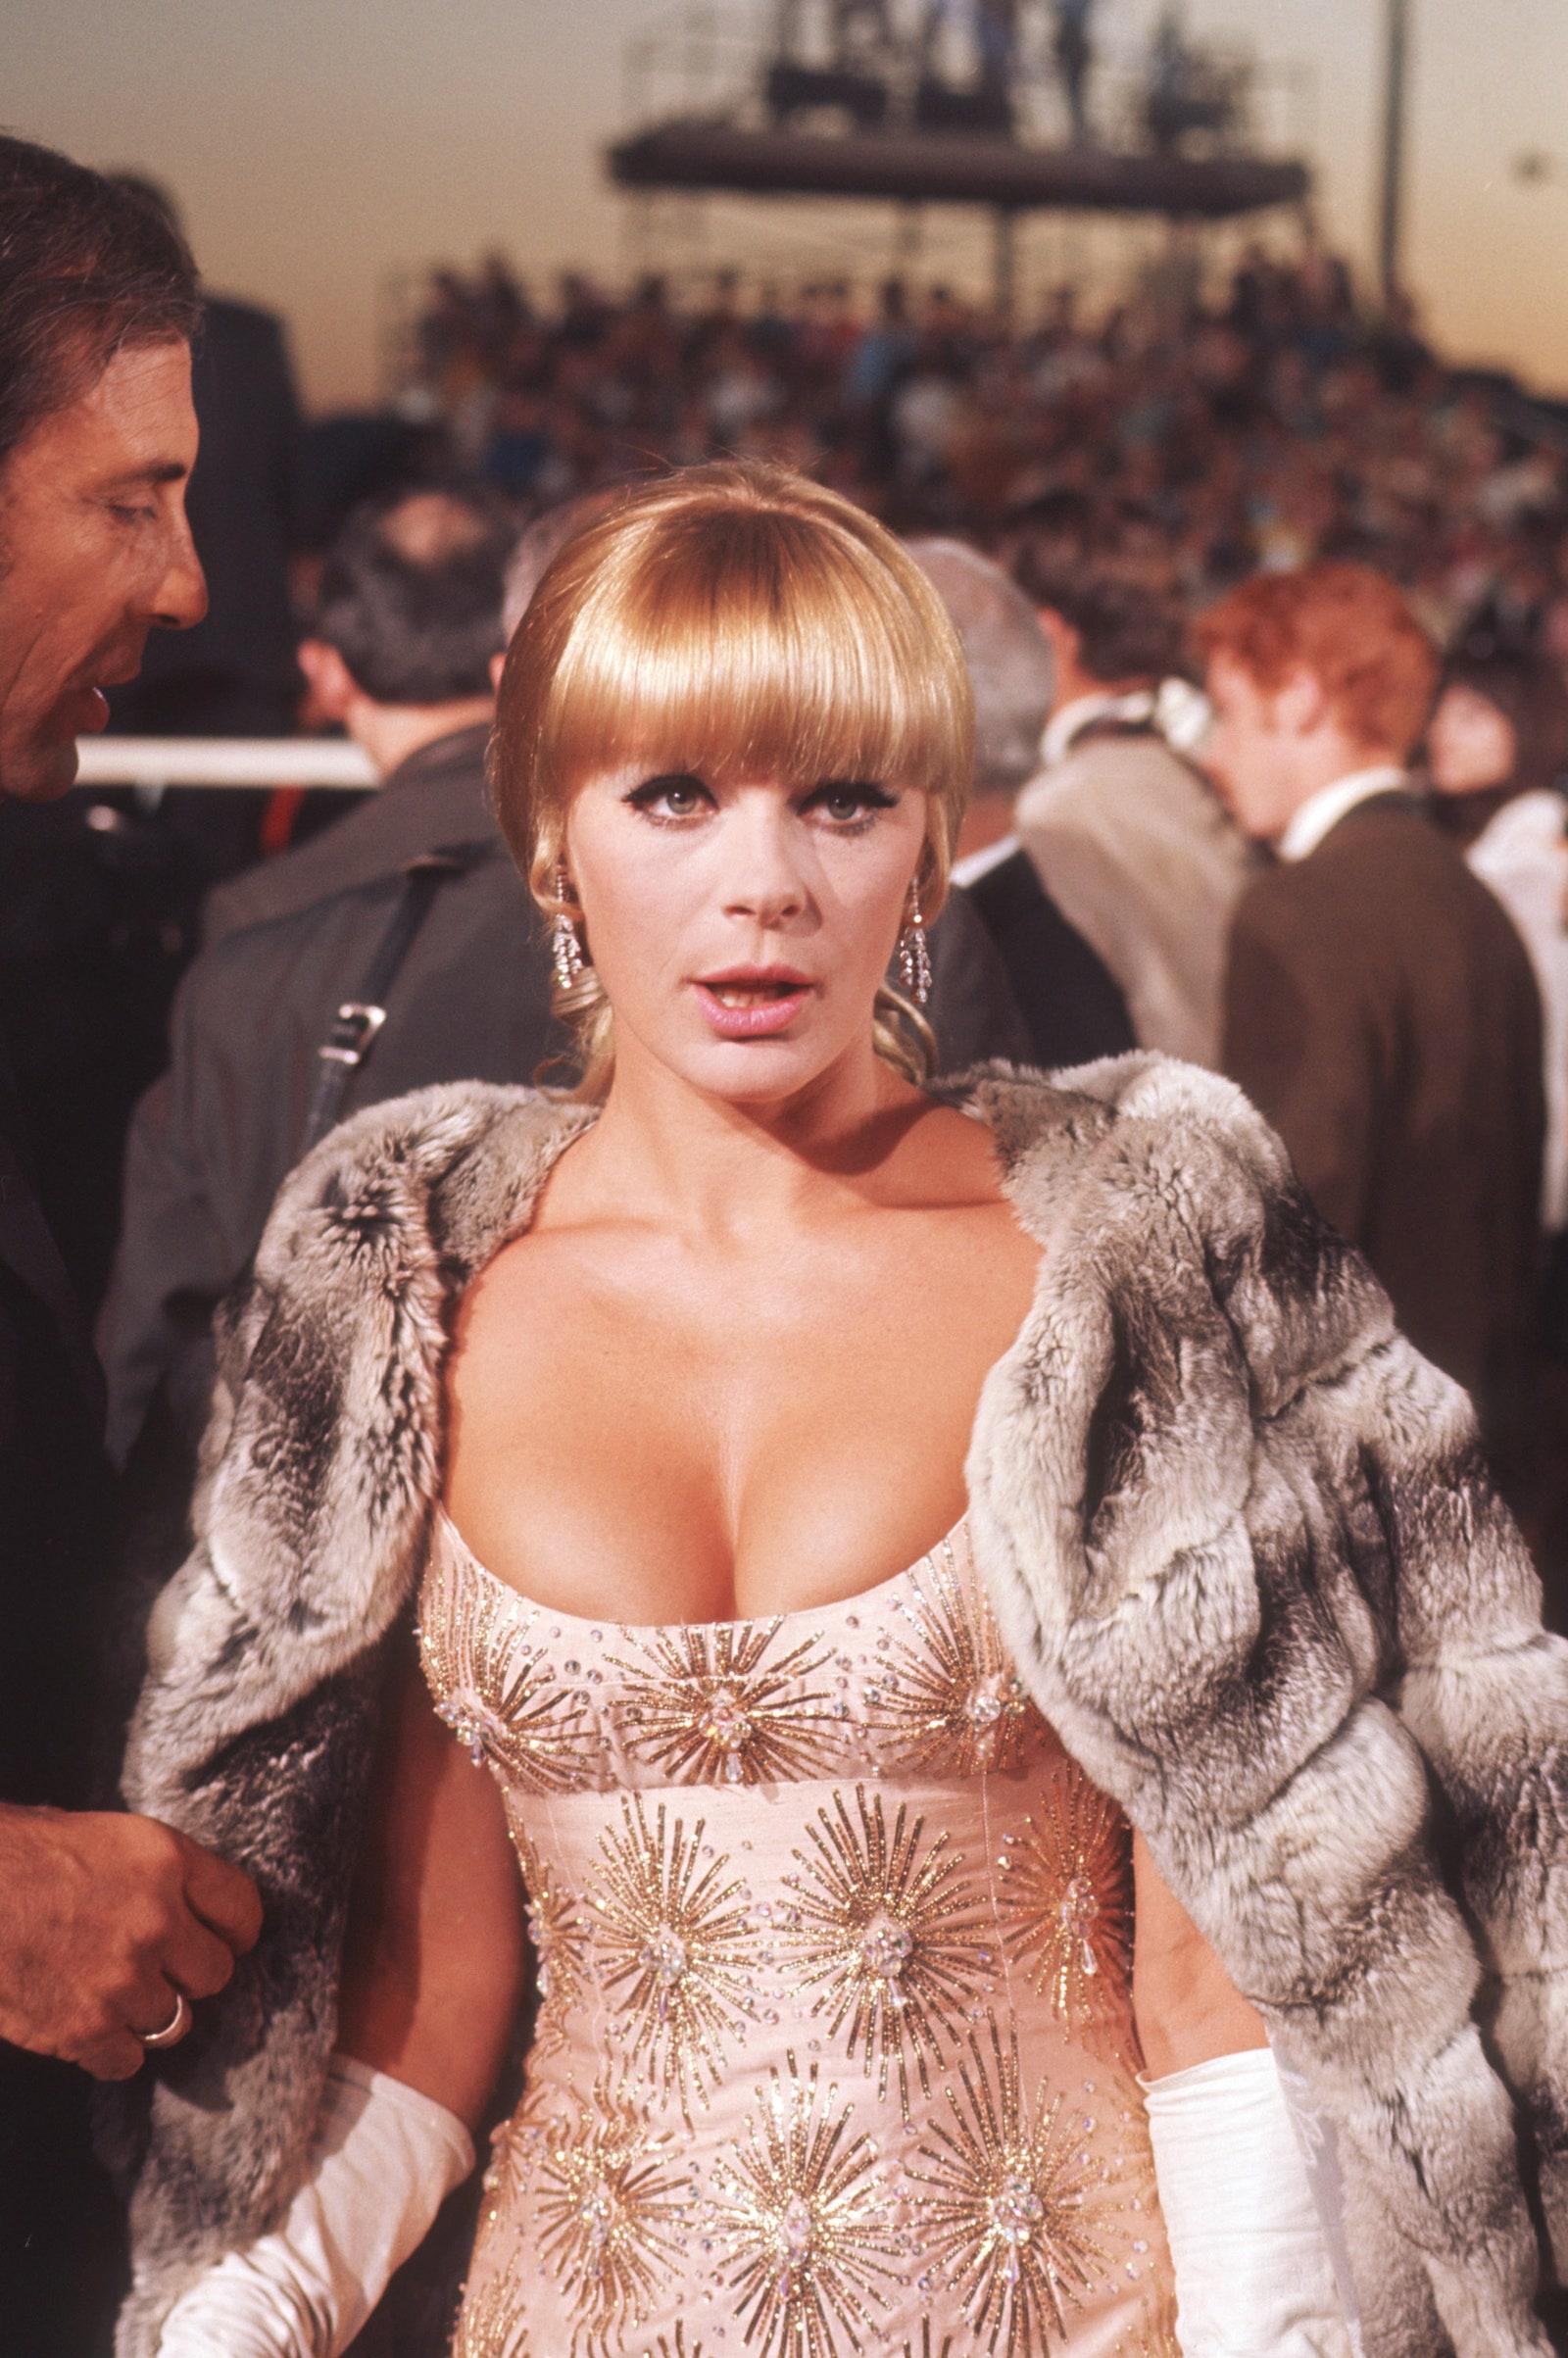 Năm 1968, Elke Sommer bước lên thảm đỏ với đầm